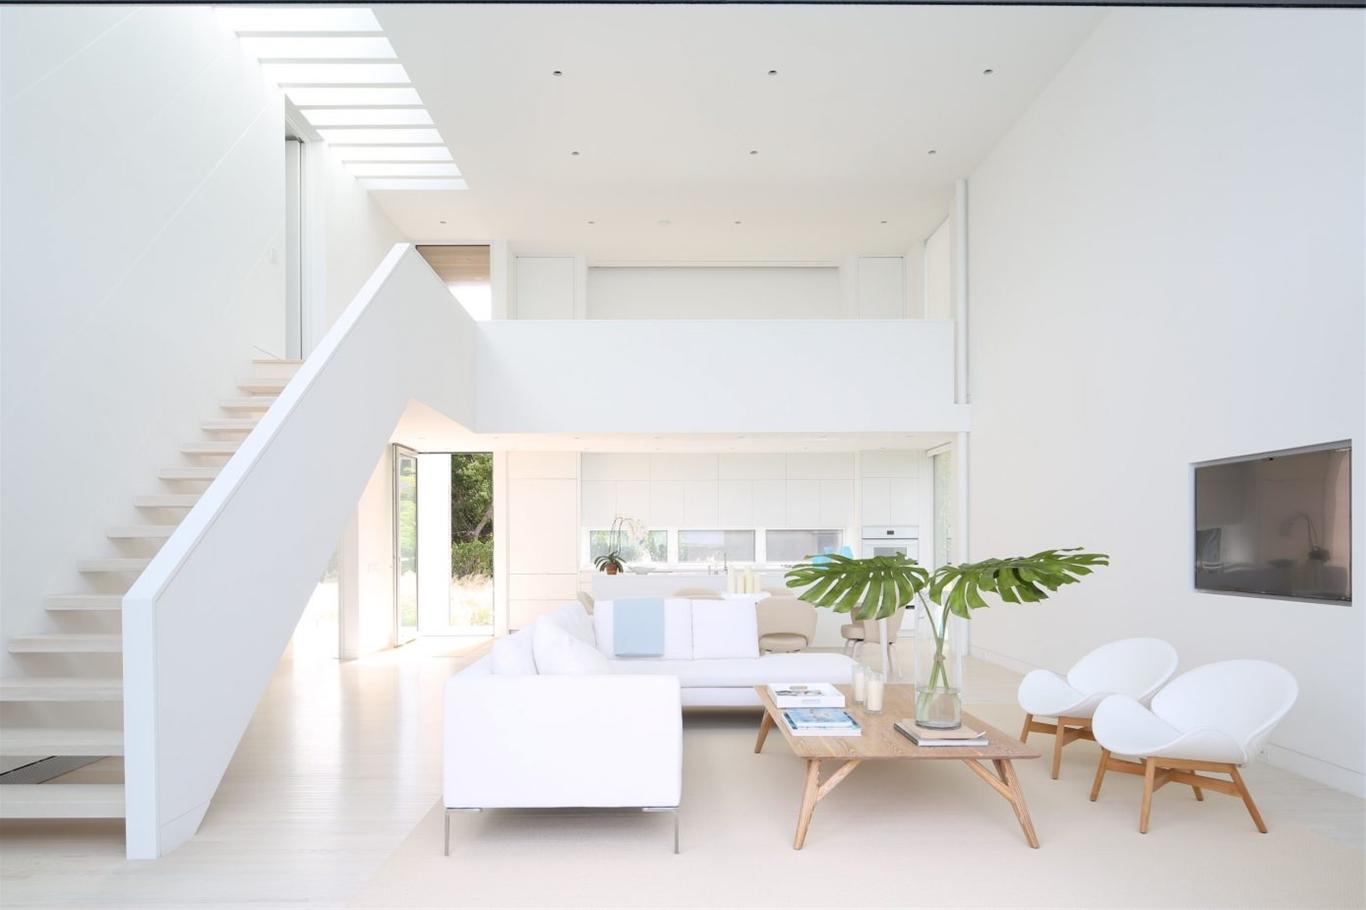 Sơn nhà màu trắng hoàn hảo